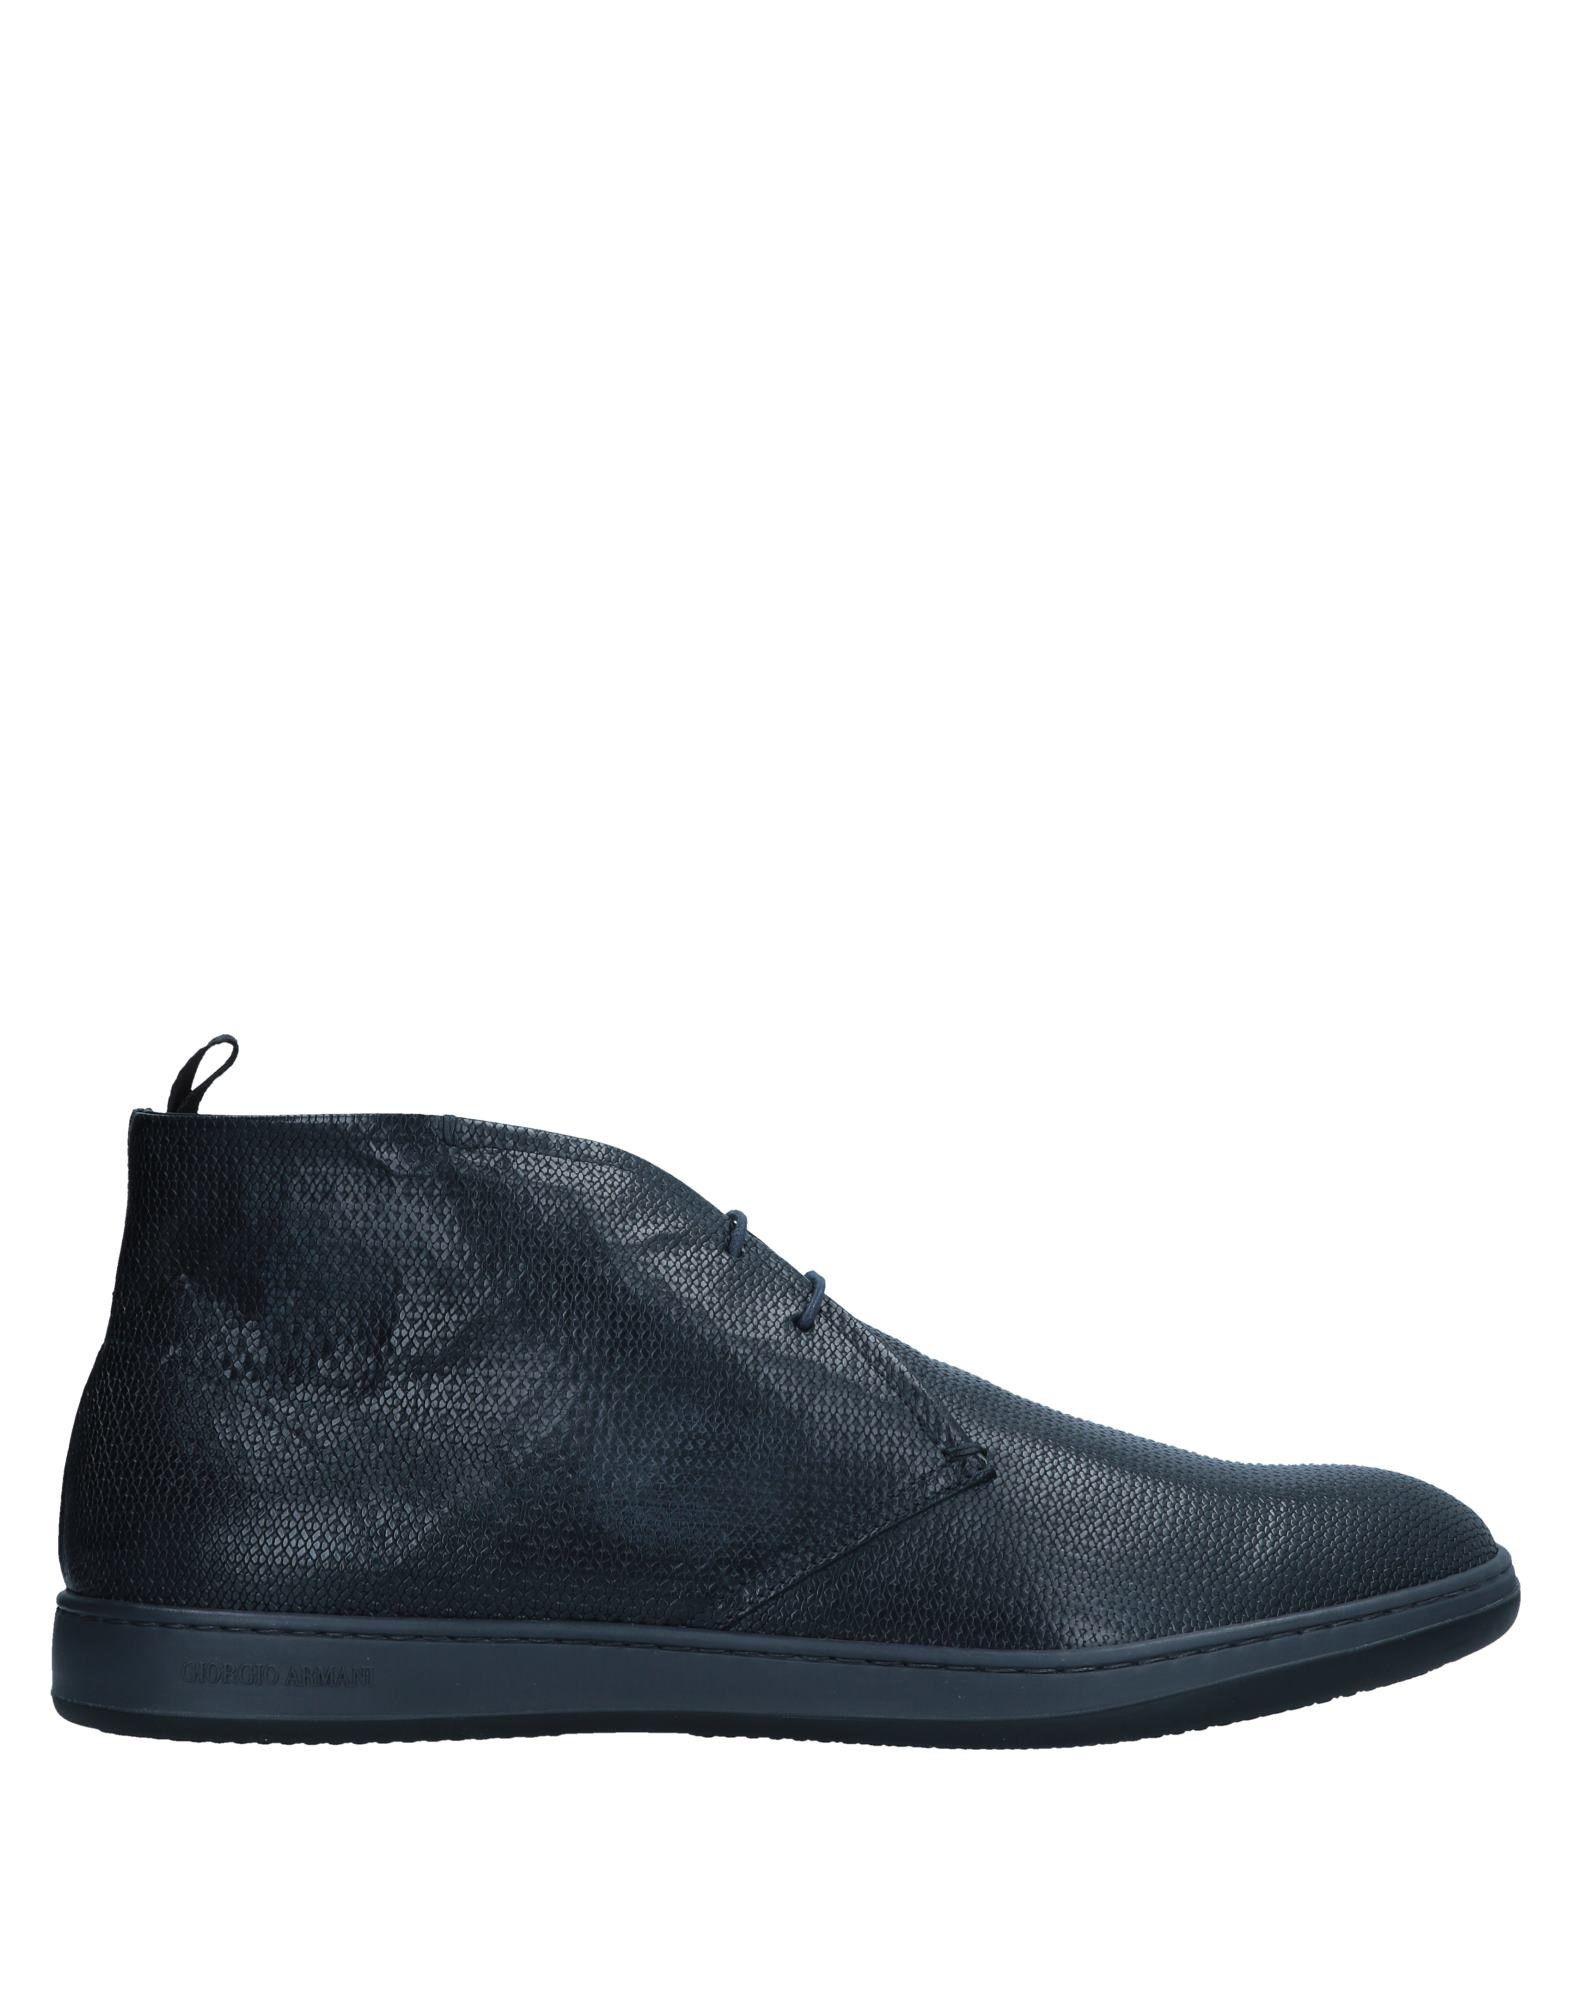 Giorgio Armani Stiefelette Herren  11544341QX Gute Qualität beliebte Schuhe